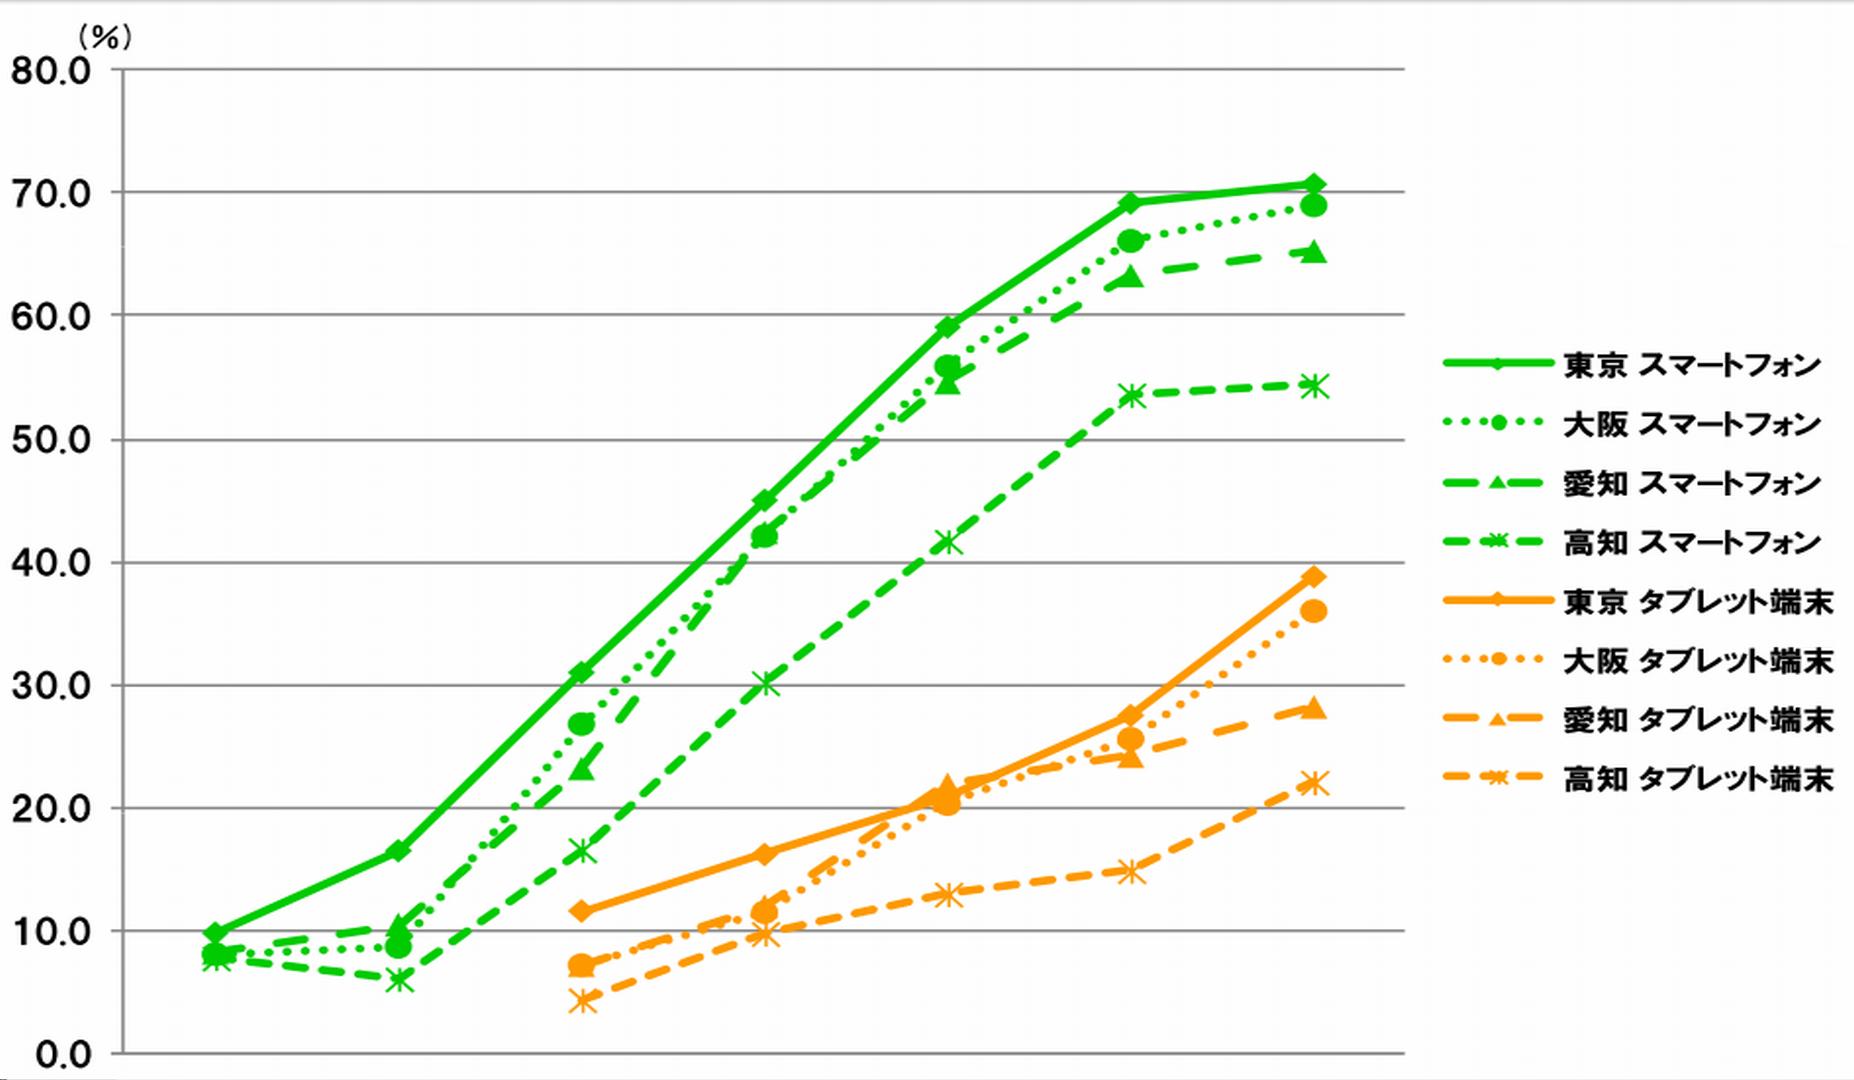 スマートフォン・タブレット所有率の時系列推移